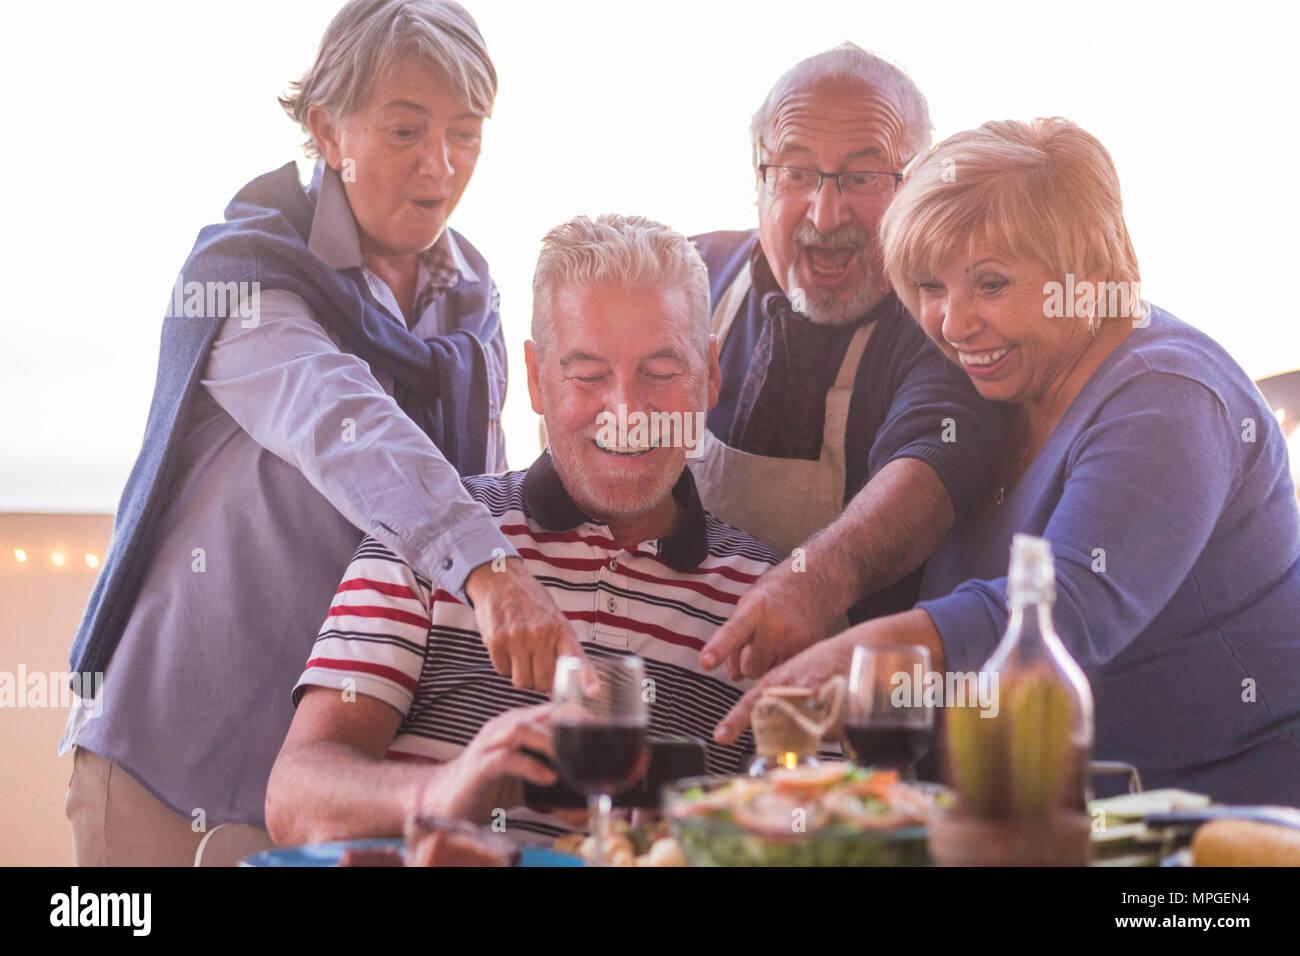 Dos hermosas parejas haciendo fotografía con teléfono móvil durante la cena en la terraza al aire libre en vacaciones. Estilo de vida para los jubilados feliz concepto Imagen De Stock